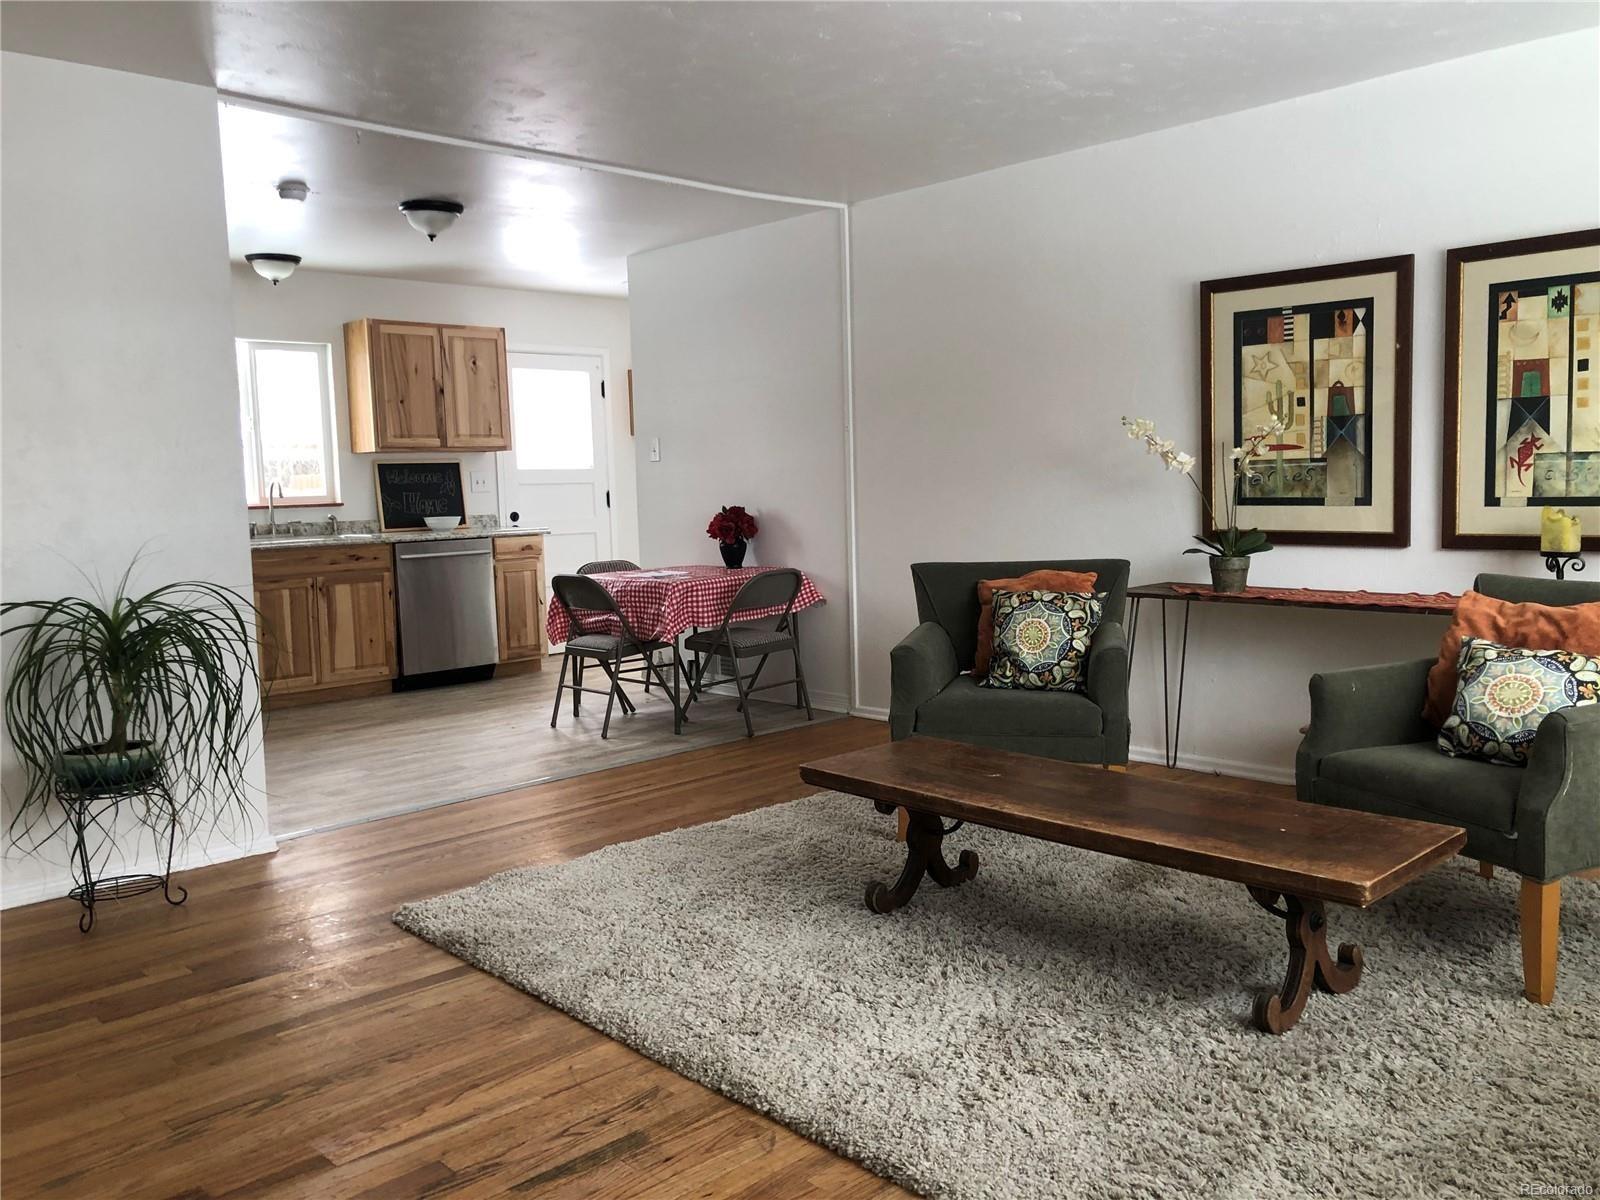 MLS# 4980244 - 12 - 1810 S Tennyson Street, Denver, CO 80219